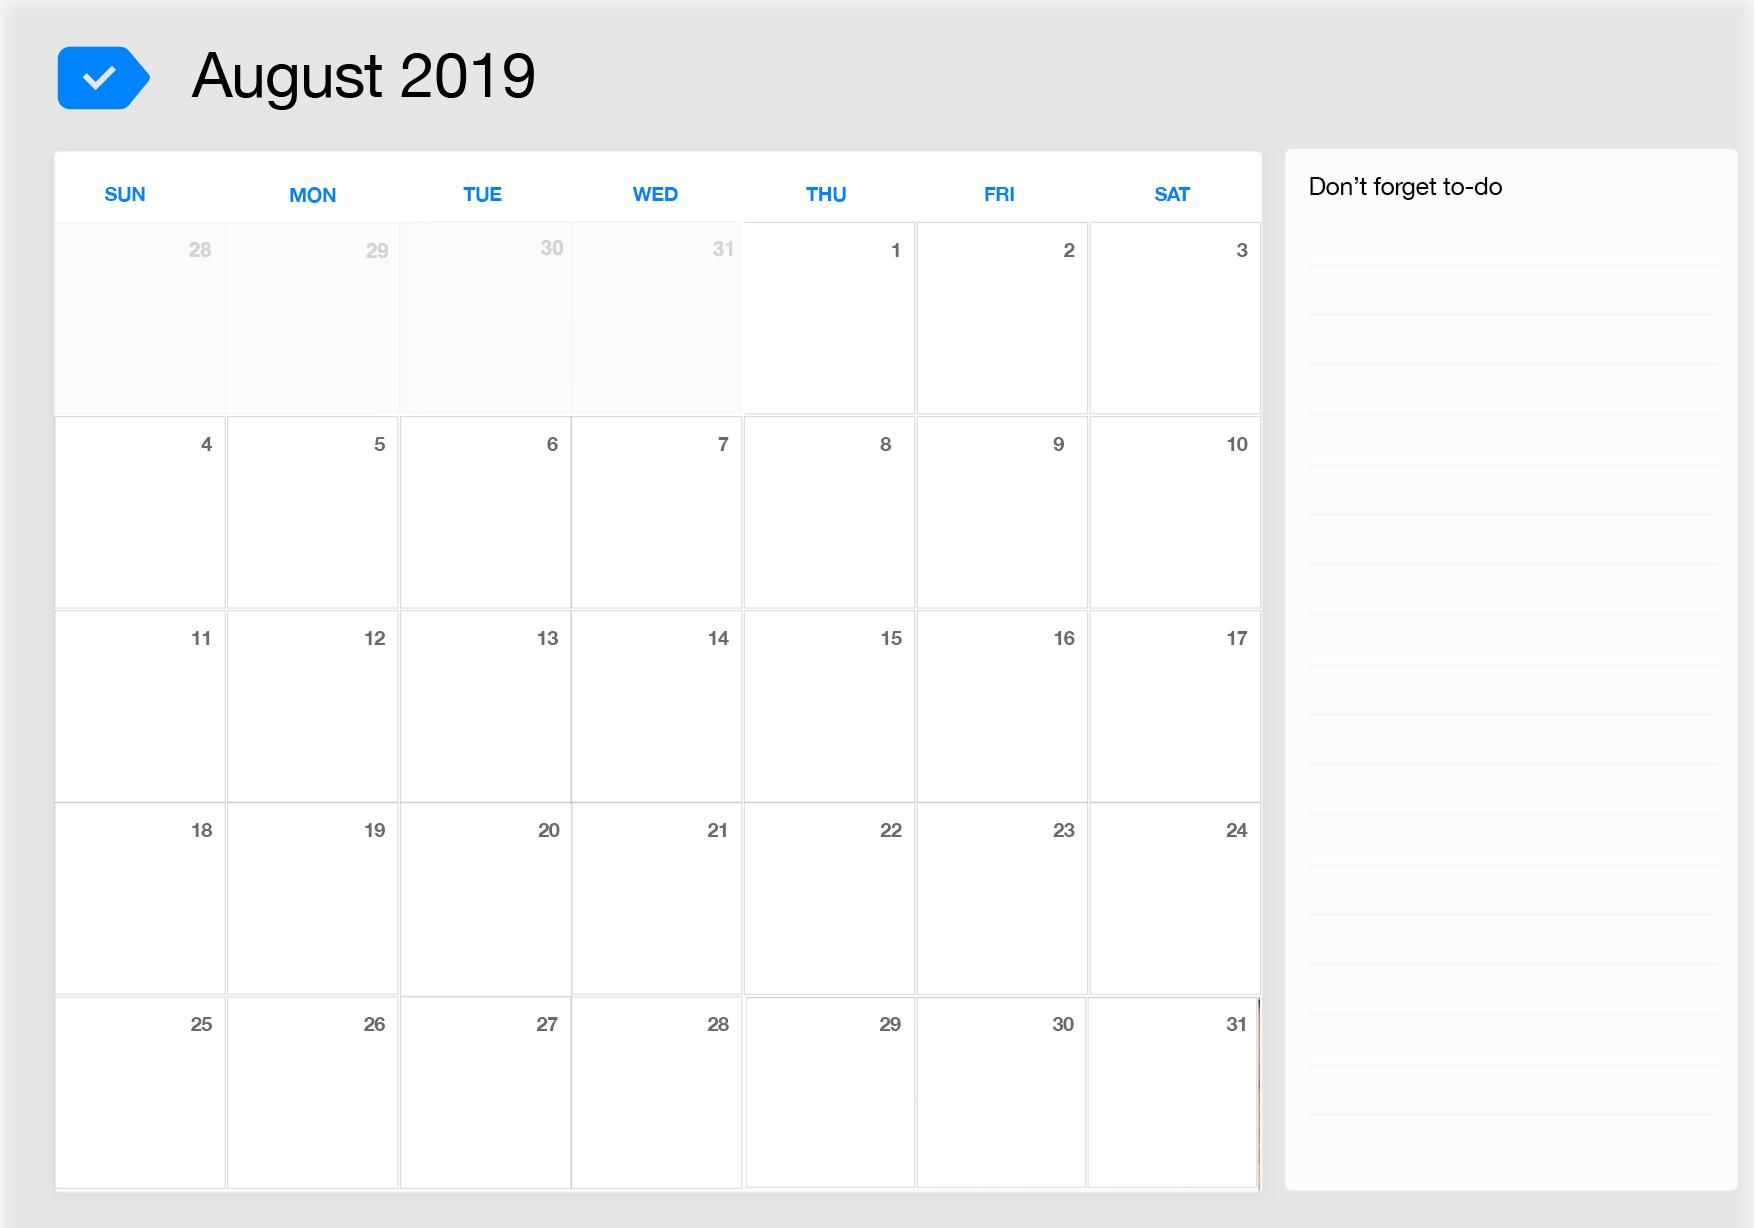 August 2019 Calendar.August 2019 Printable Calendar Any Do